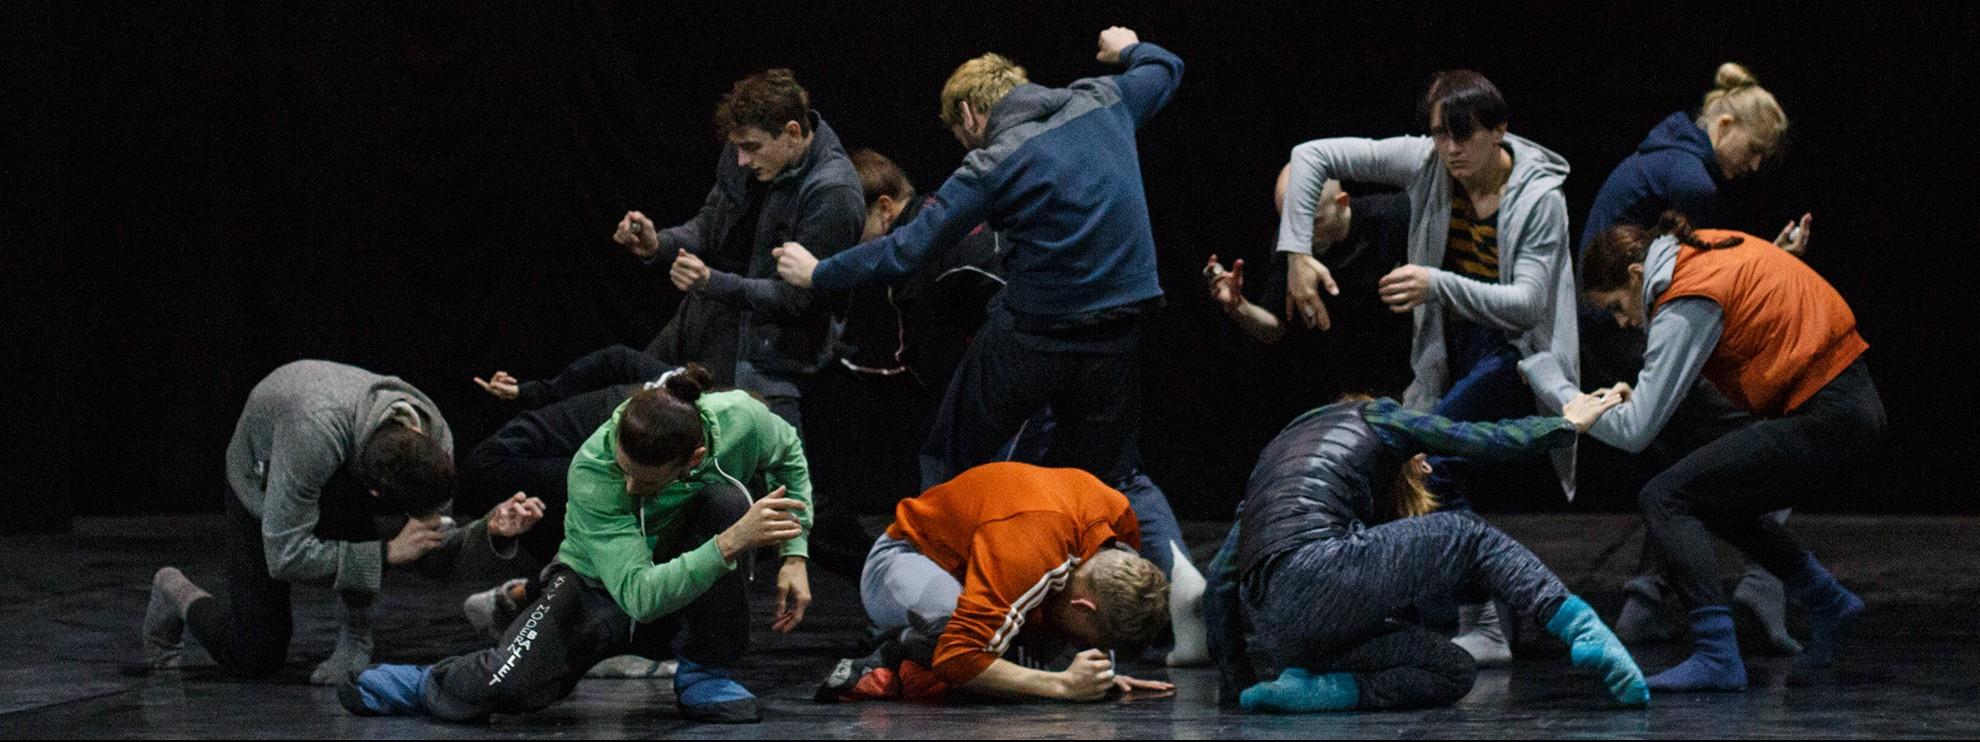 исполнитель Ukrainian Dance Theatre UDT (Украинский театр танца)